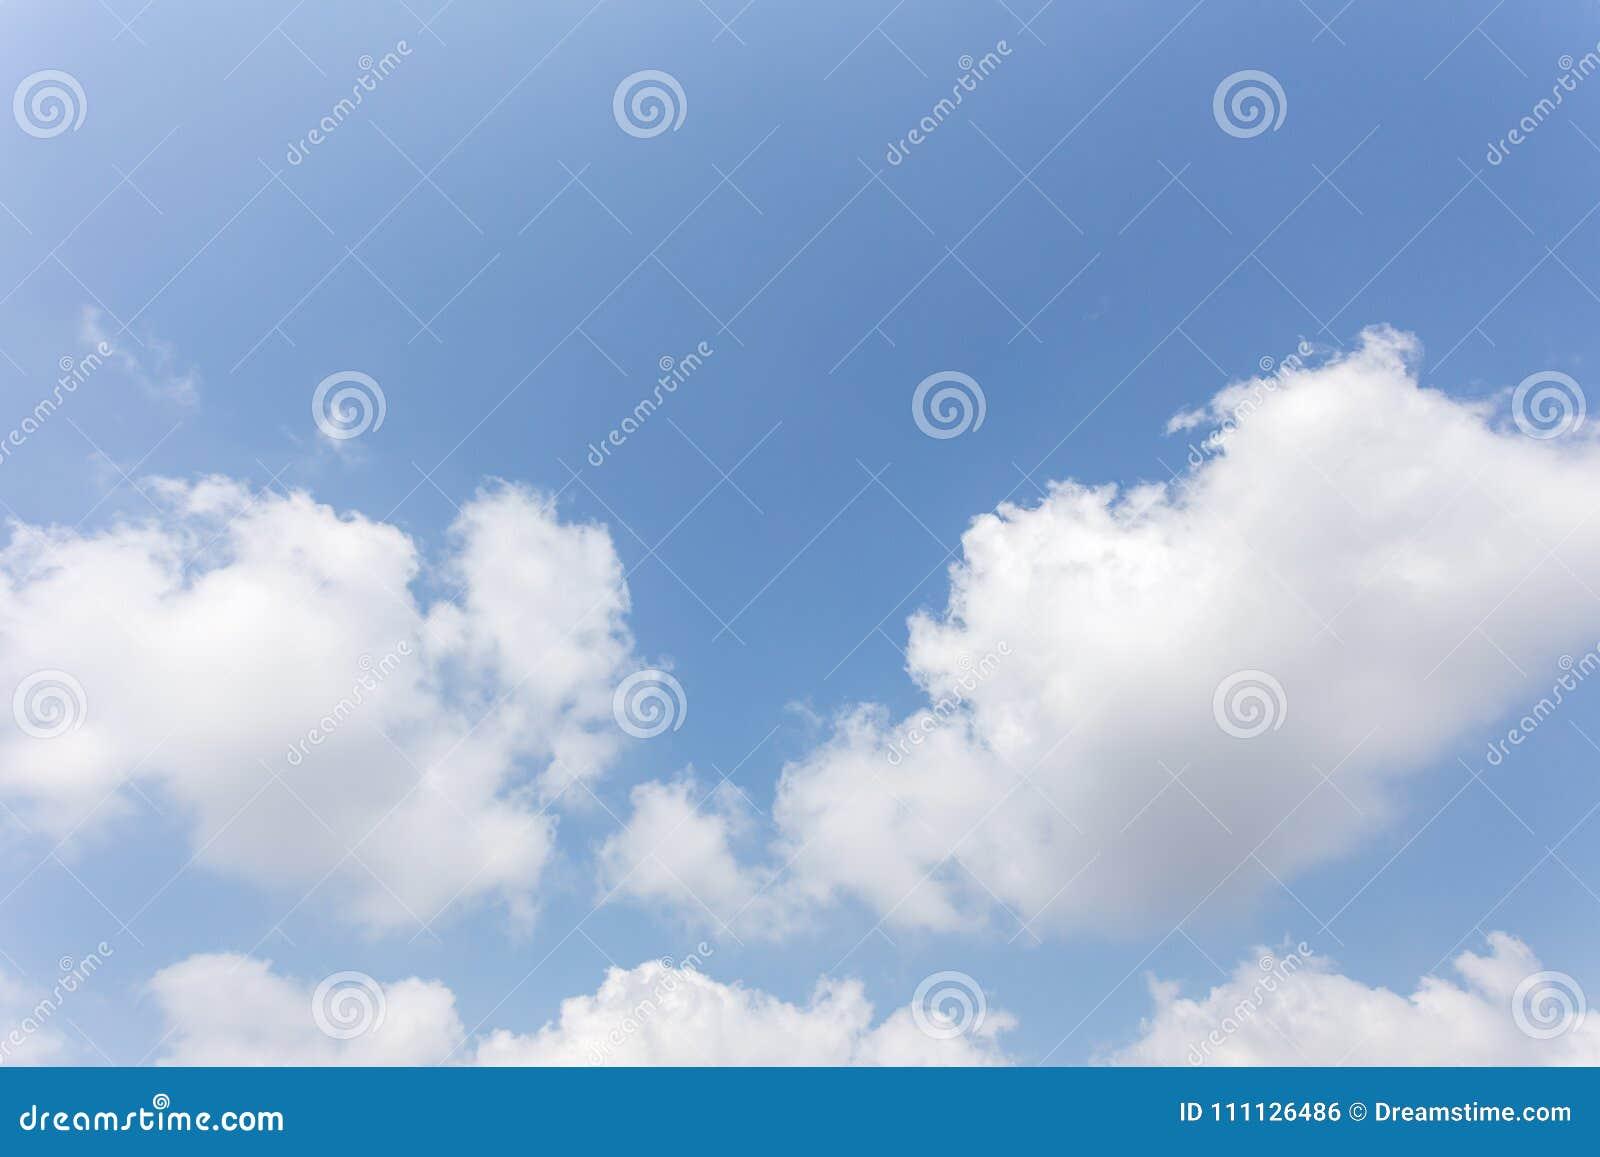 Υπόβαθρο μπλε ουρανού με τα σύννεφα, ουρανός υποβάθρου